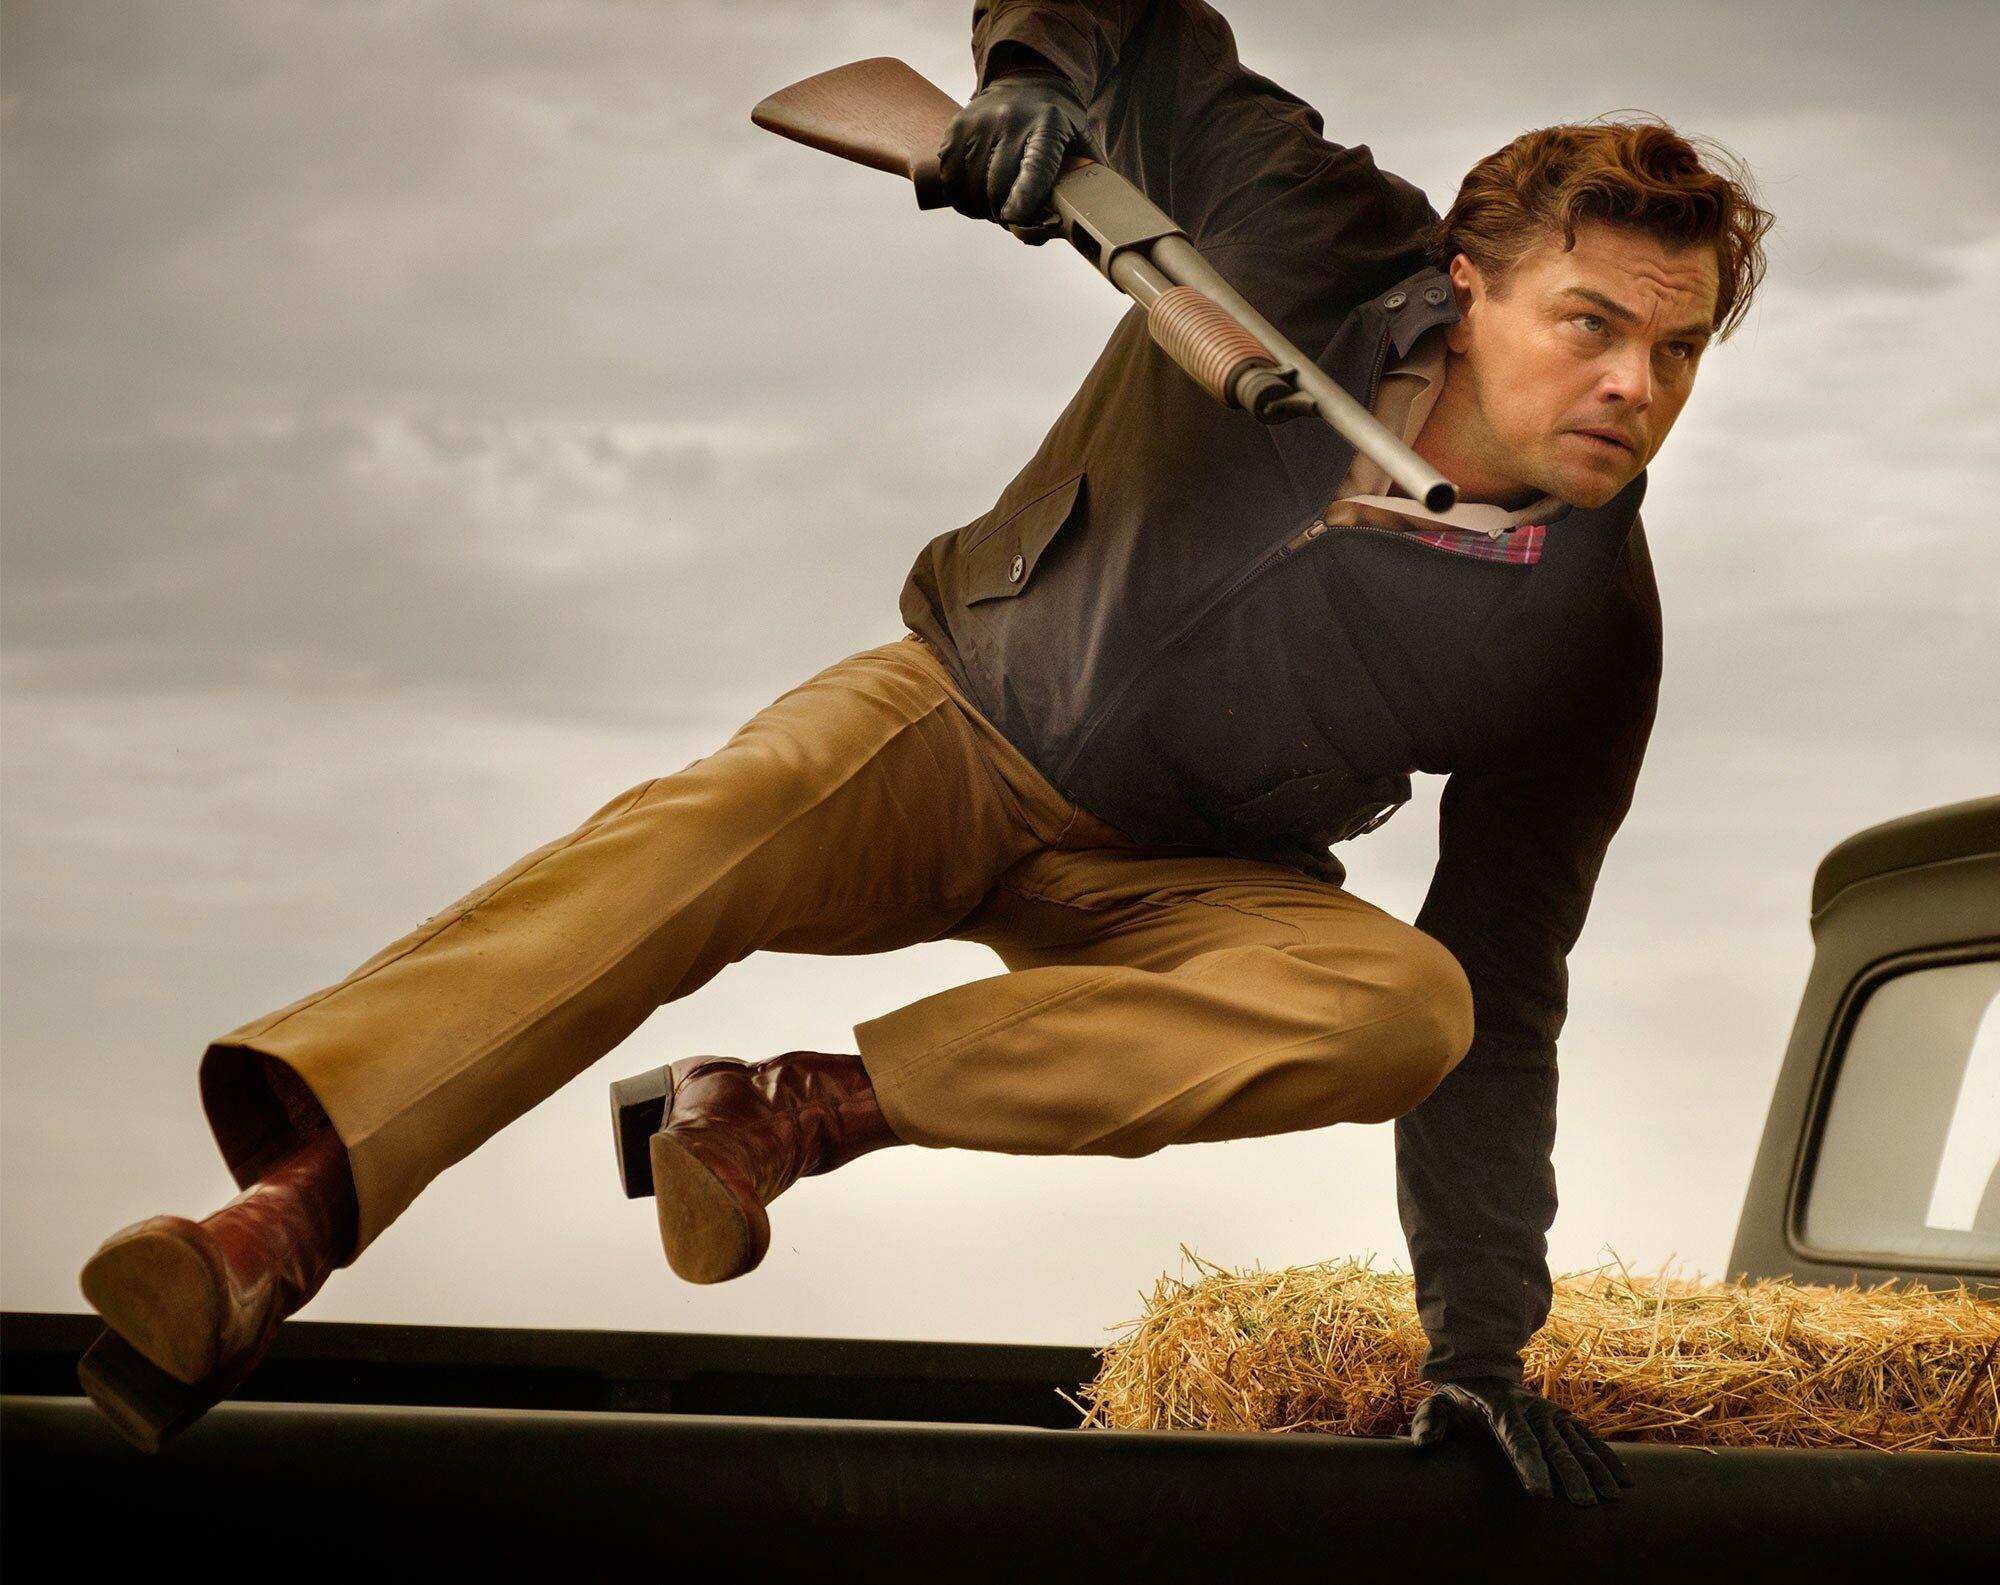 李奧納多太有魅力,美國加州「賞5.5億」拍電影!與《雷神3》導演製作「史上最偉大日漫」《阿基拉》真人版!